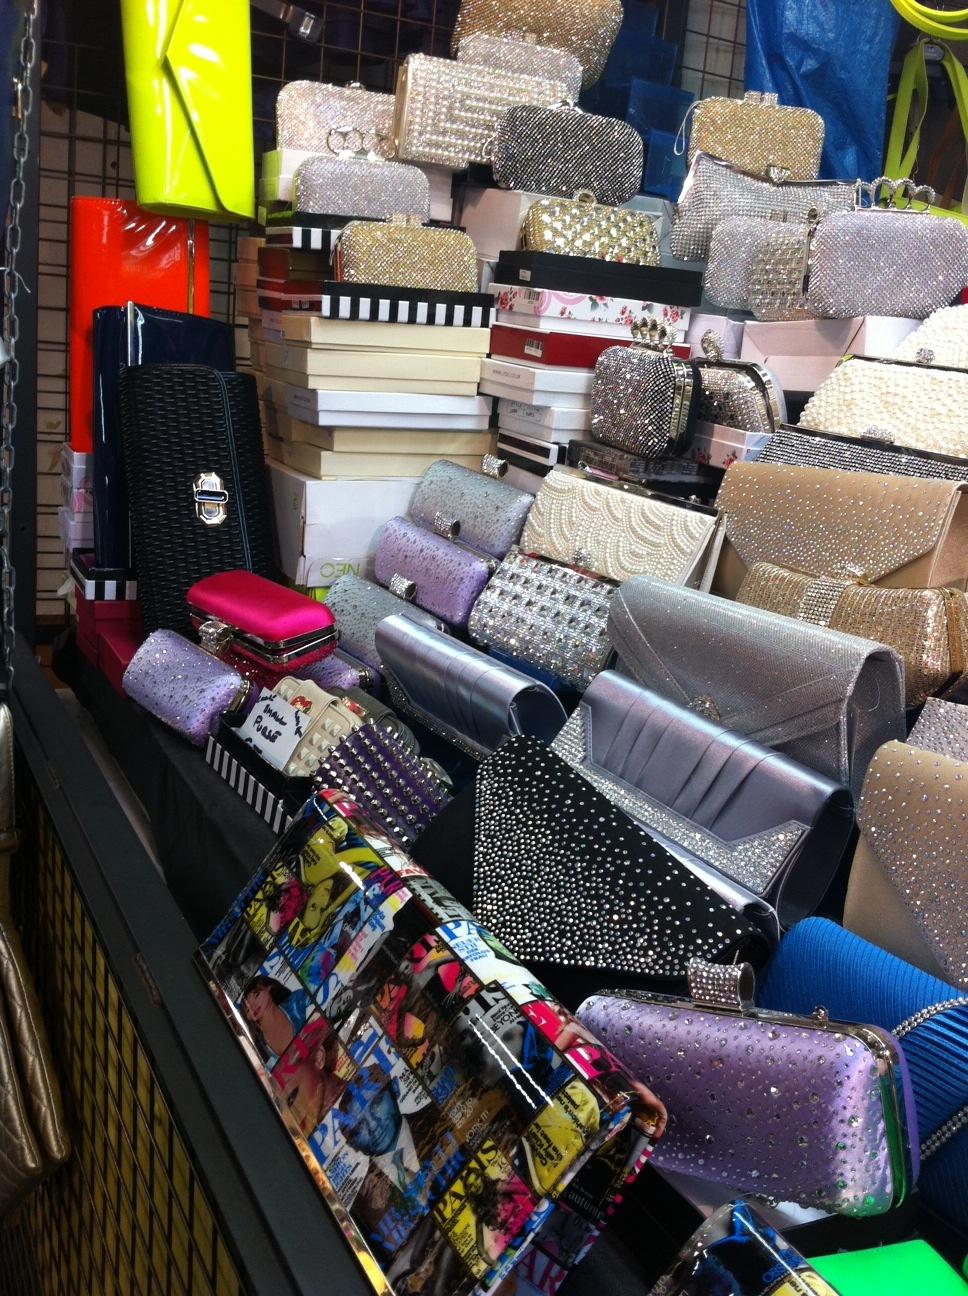 Liberty Market purse vendor's wares.